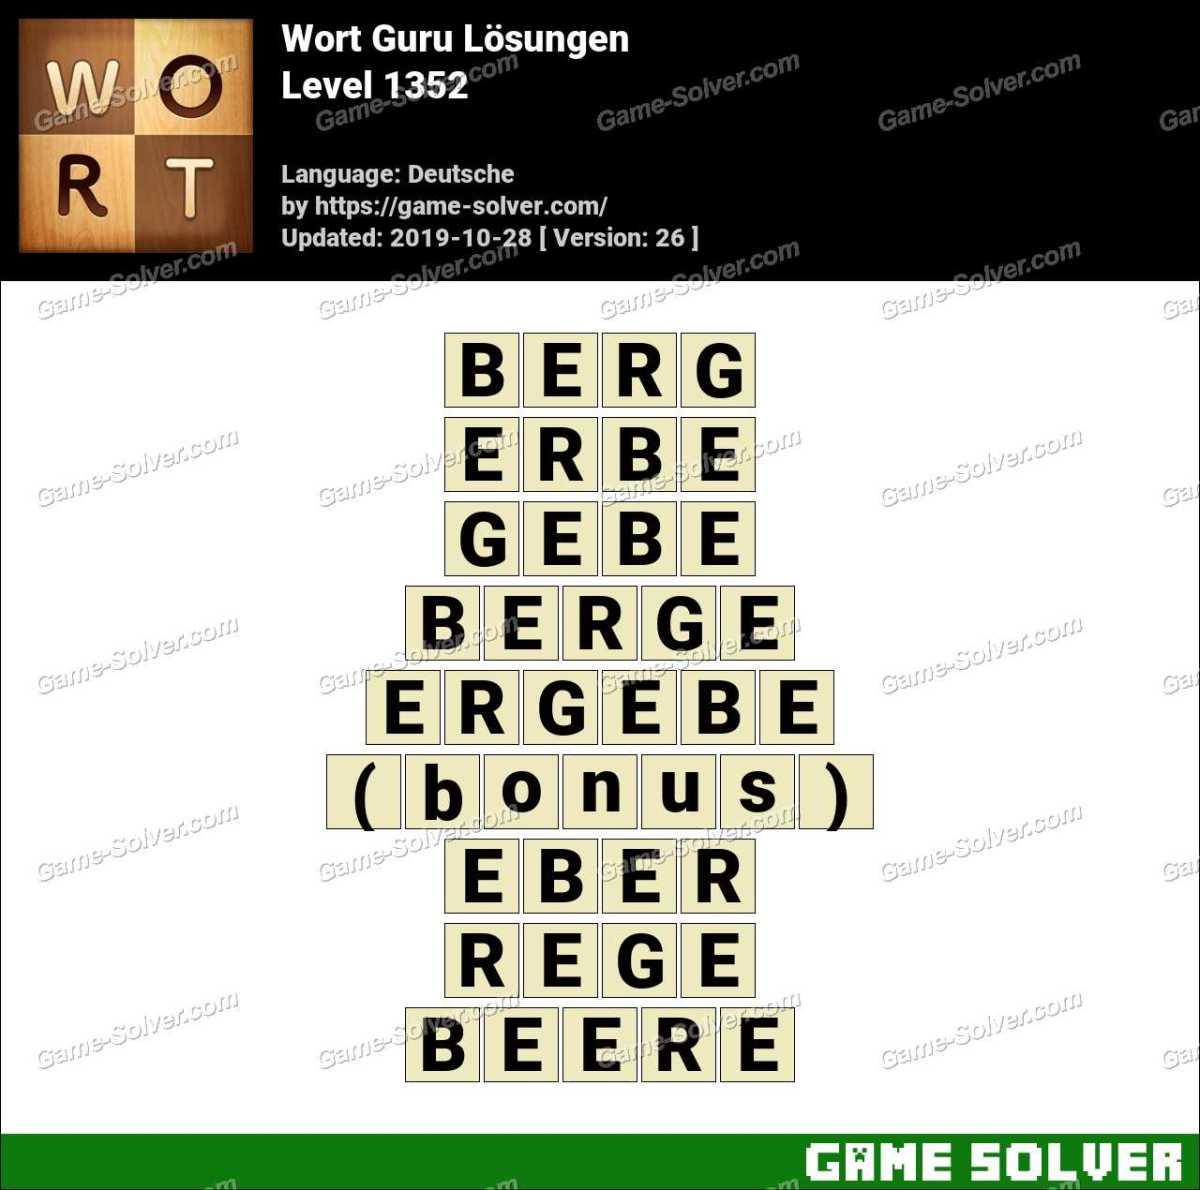 Wort Guru Level 1352 Lösungen